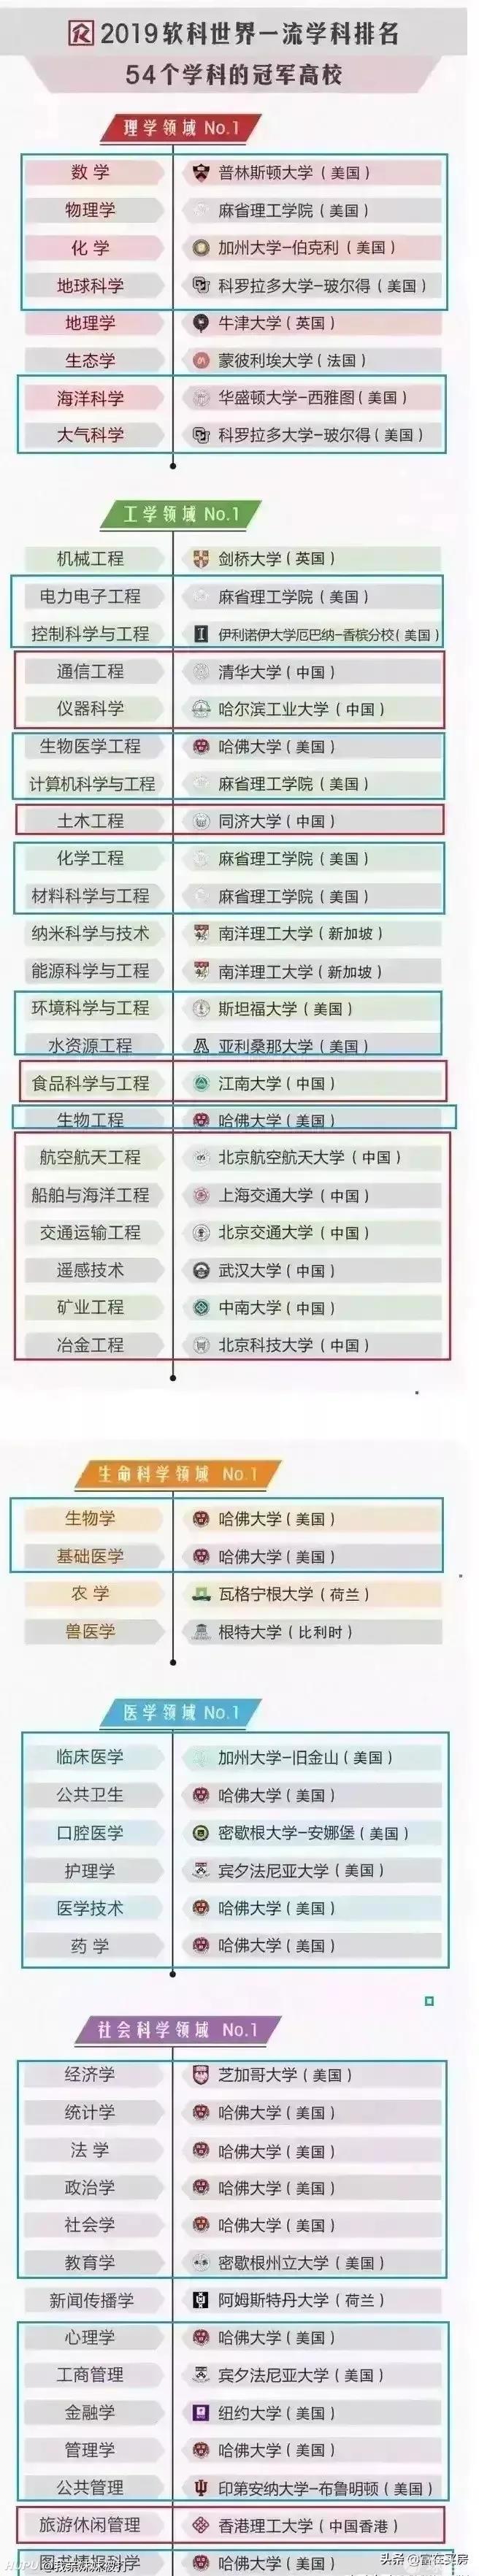 世界目前最顶尖的学科,中国多个高校上榜。